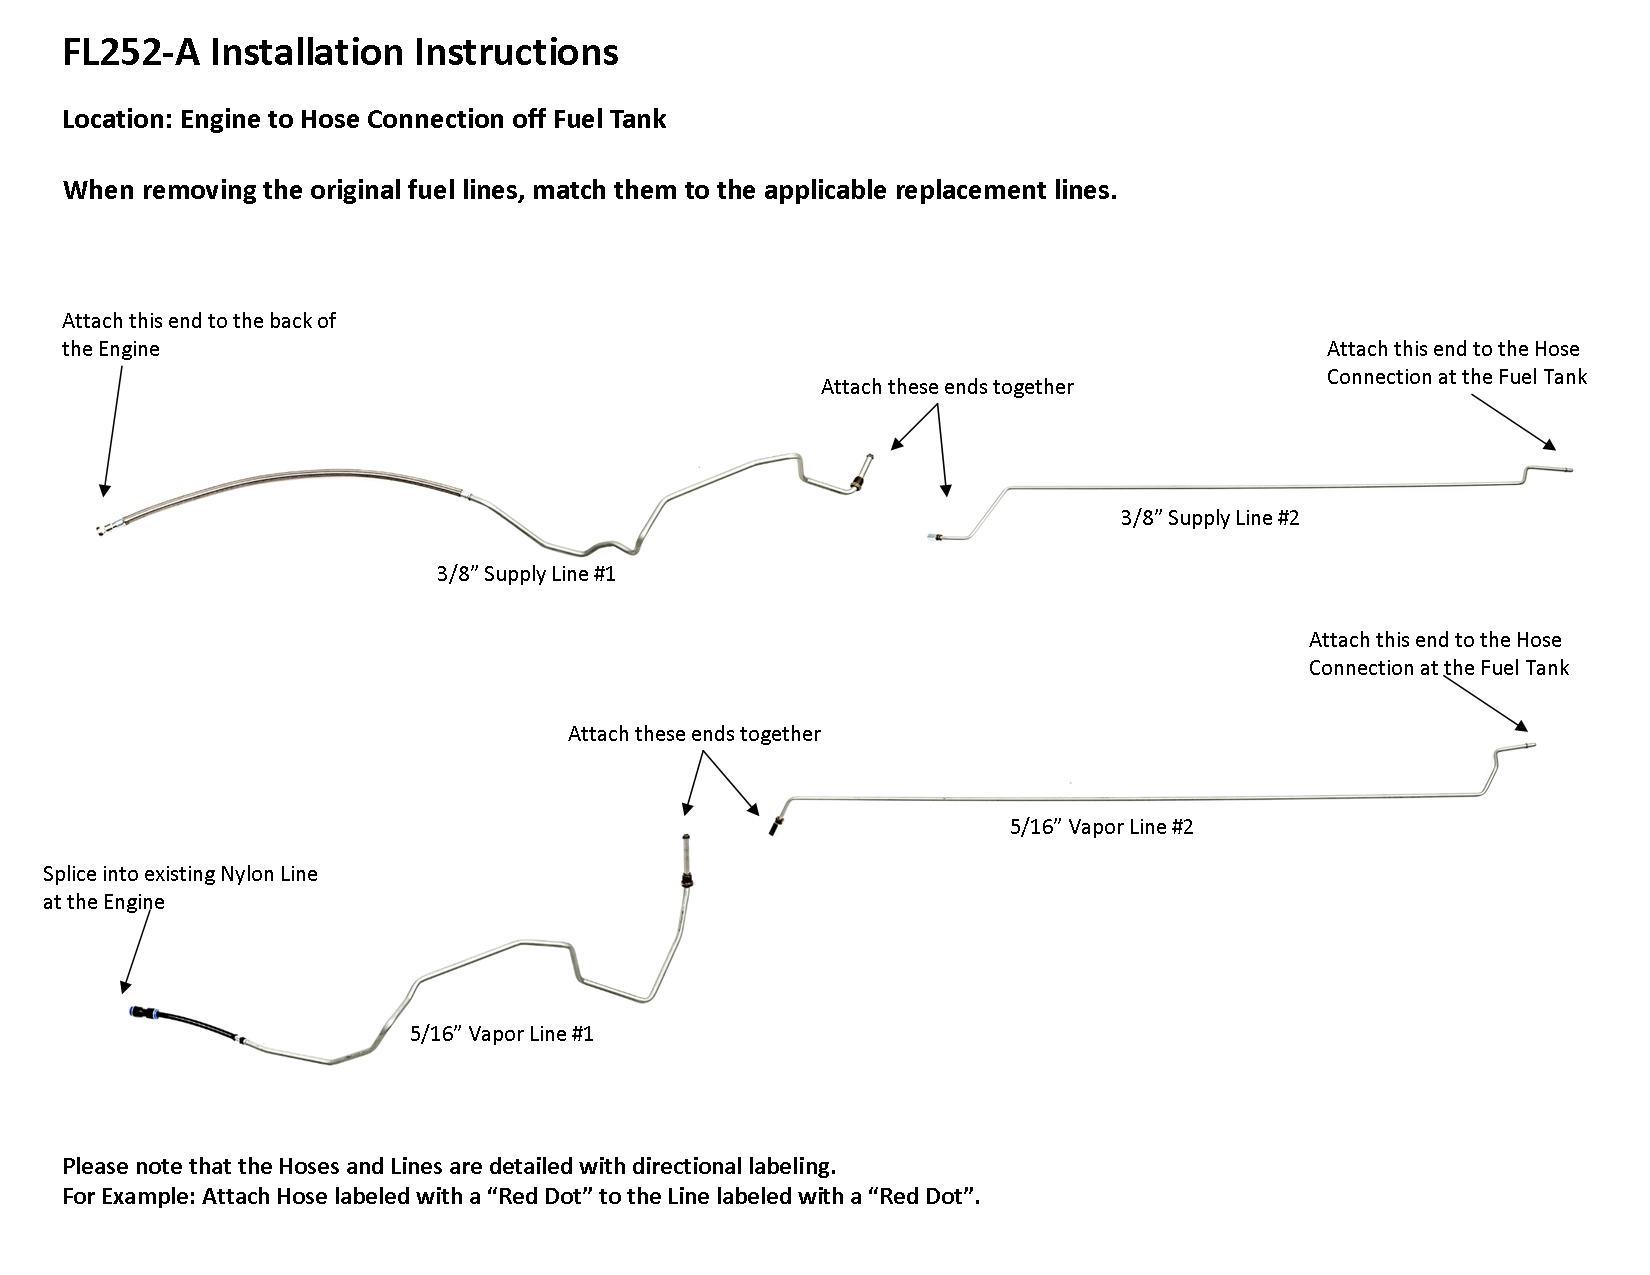 05-06-allure-riviera-lacrosse-cx-lacrosee-cxl-grand-prix-grand-prix-gt-grand-prix-gxp-installation-instructions-fl252-a.jpg